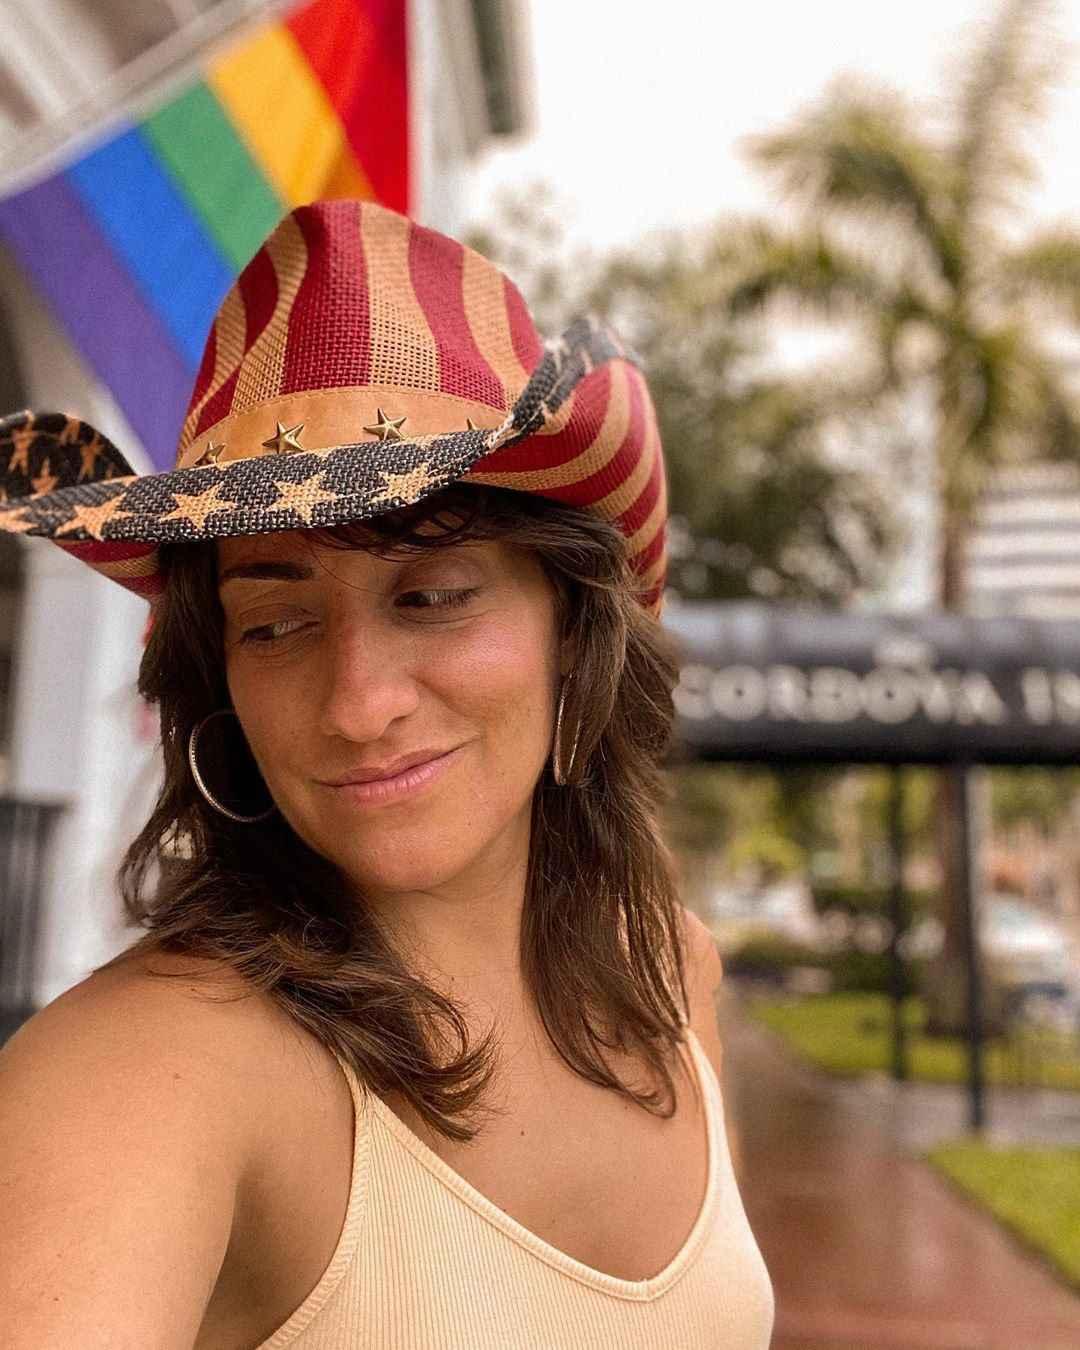 Arielle é uma lésbica barulhenta e orgulhosa que desafia estereótipos em seu Insta e Youtube